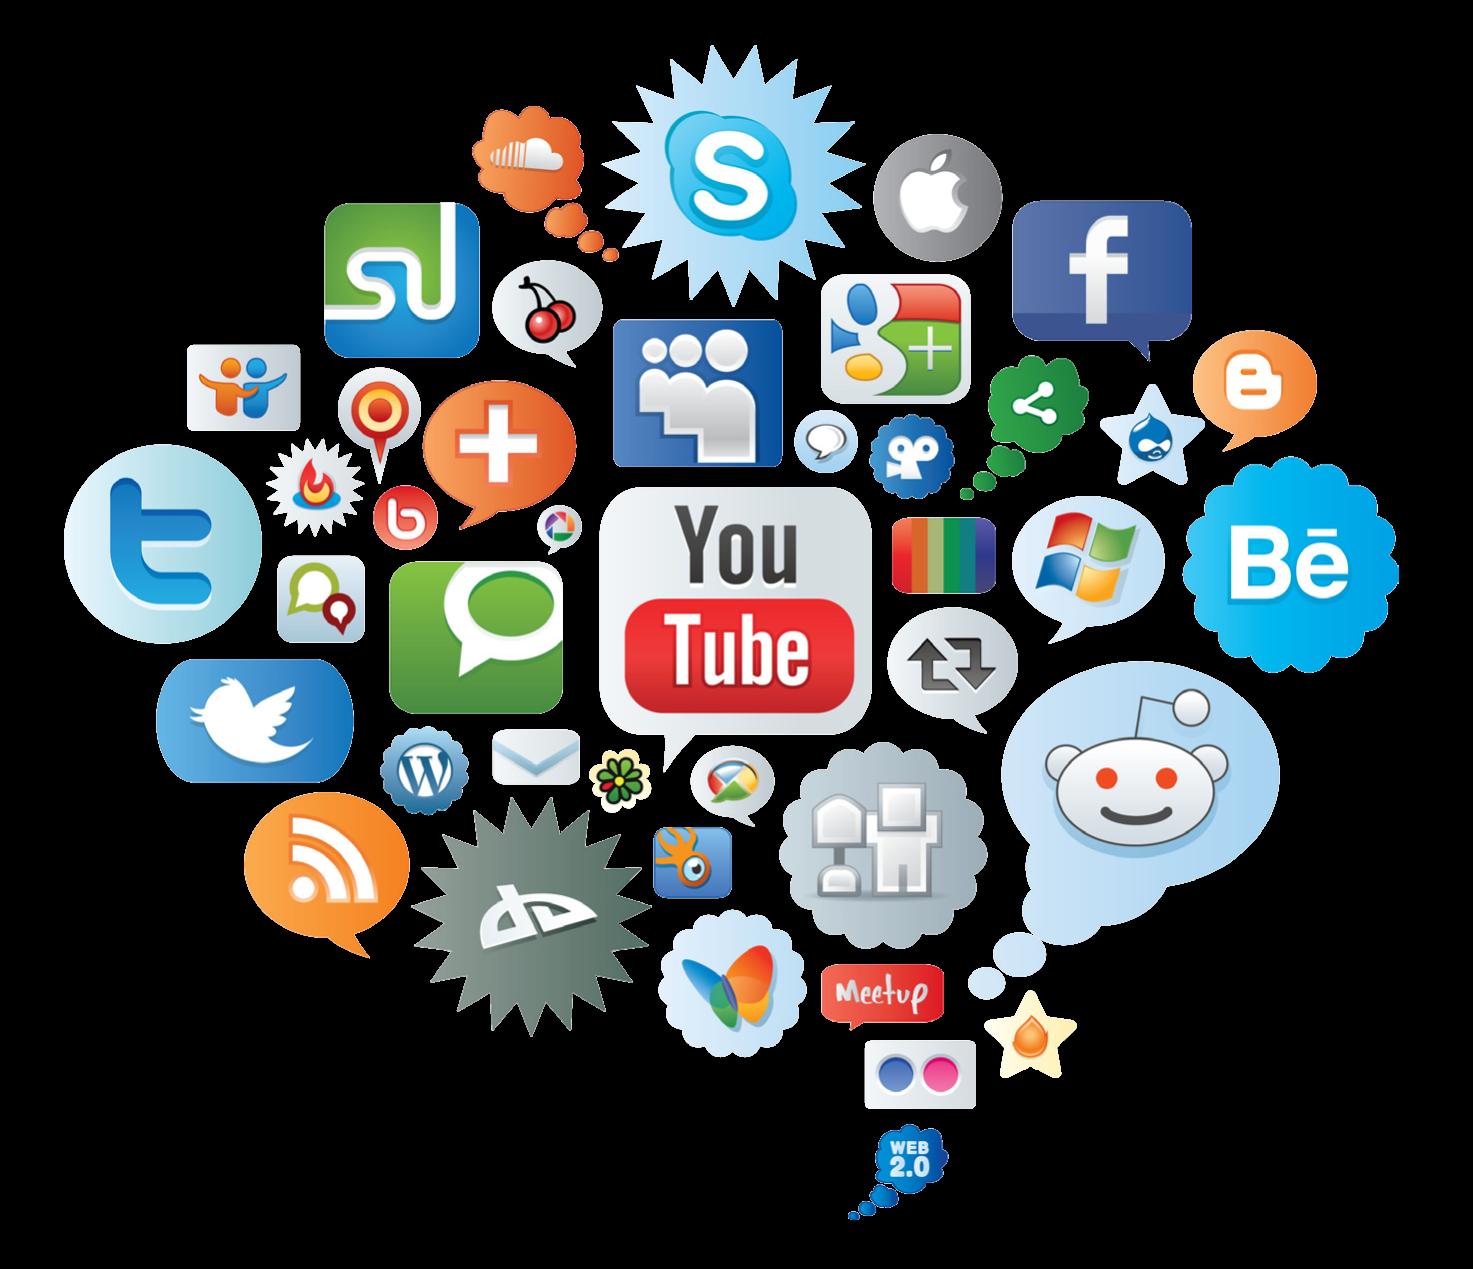 Redes sociales y foros donde publicar mi artículo